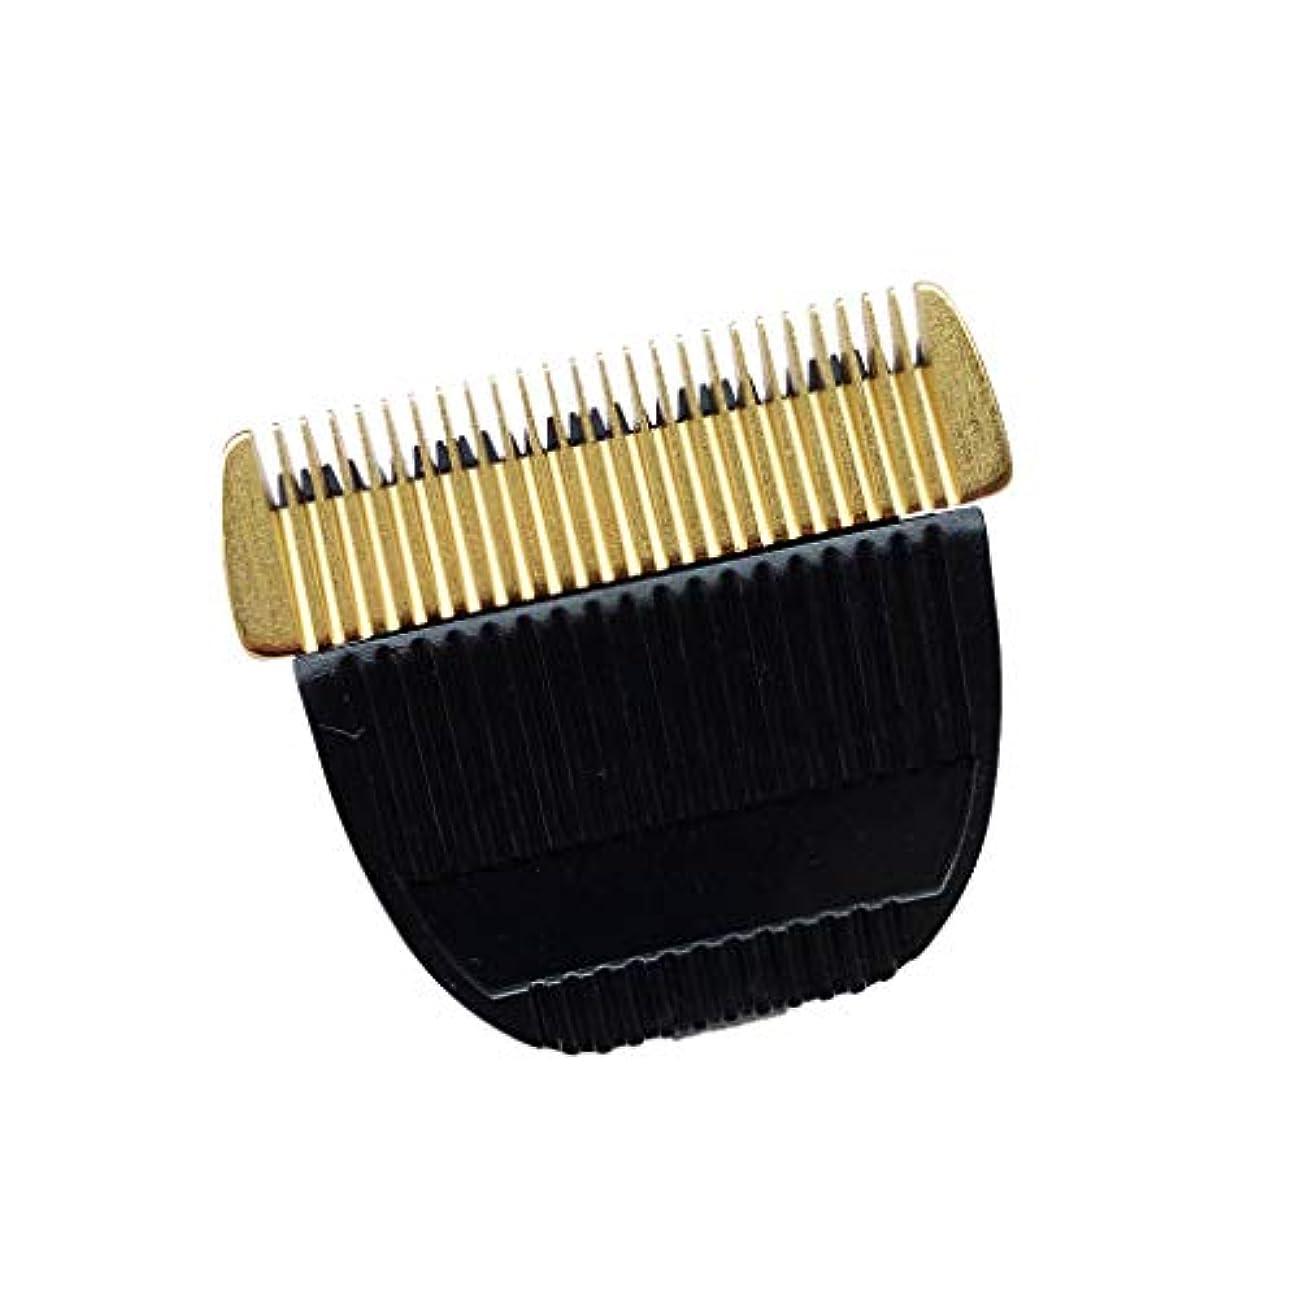 激怒批判的無意味ER−GP80 1610 1611 1511 153 154 160 VG101ホストの交換部品にはカミソリヘッドが適している